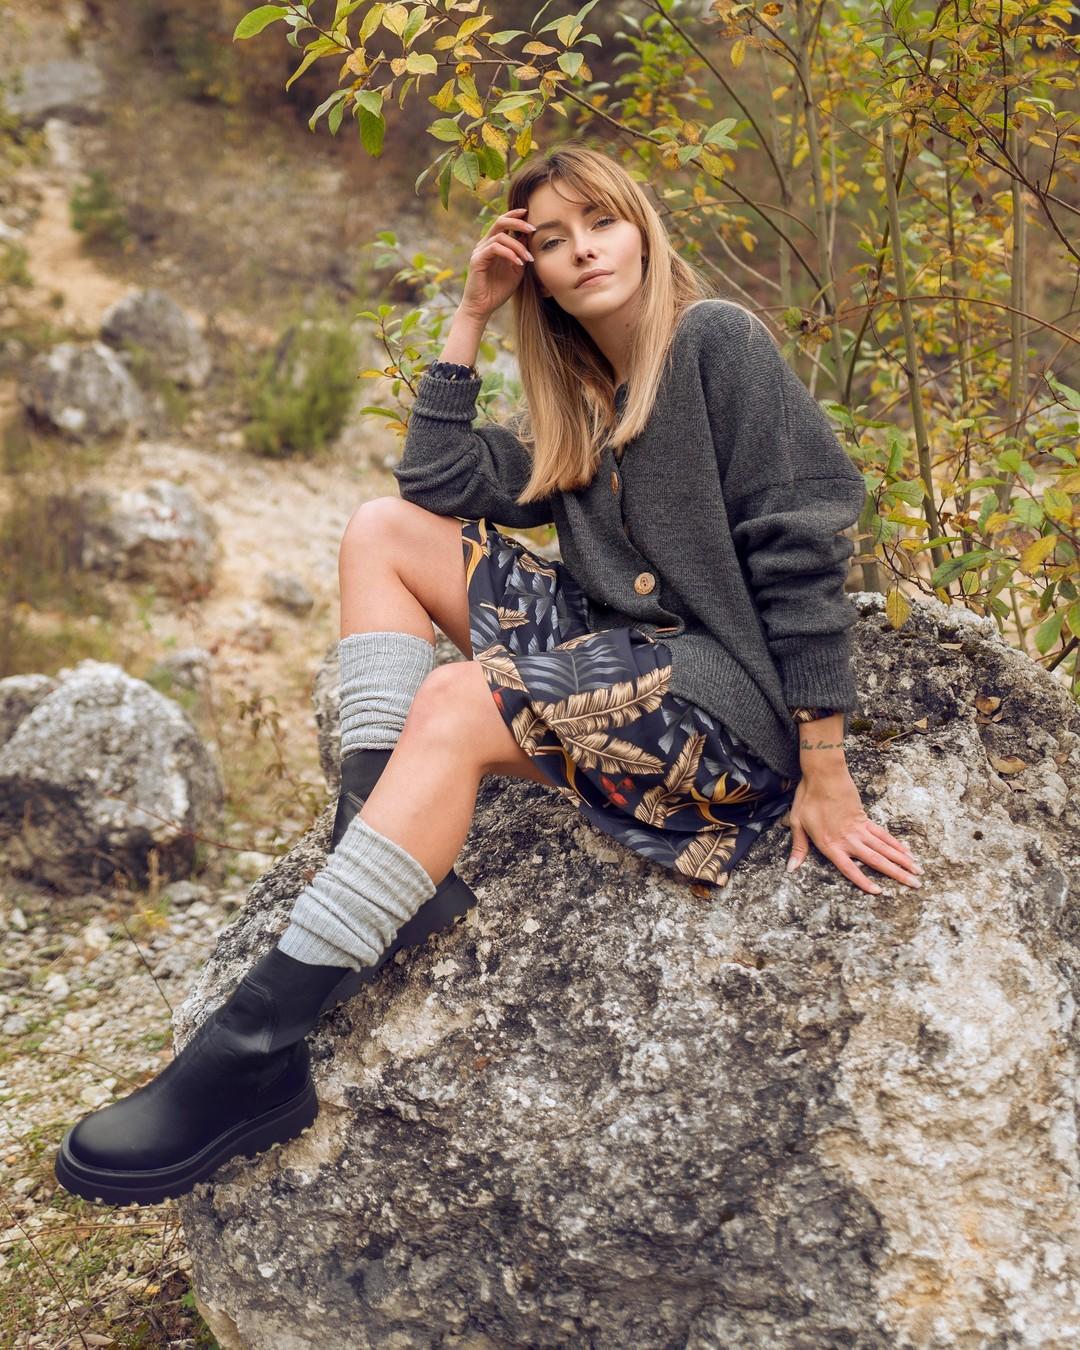 Lubimy kontrasty. Taka zresztą jest kobieca natura. Delikatność sukienki chętnie łączymy z otulającym ciepłem mięsistego swetra. Taka też, pełna kontrastów, jest jesień. #jesień #jesiennestylizacje #kardigan #sweter #sukienkanajesień #granaowasukienka #autumnfashion #inthewoods #polishautumn #iloveautumn #autumnscenery #1769